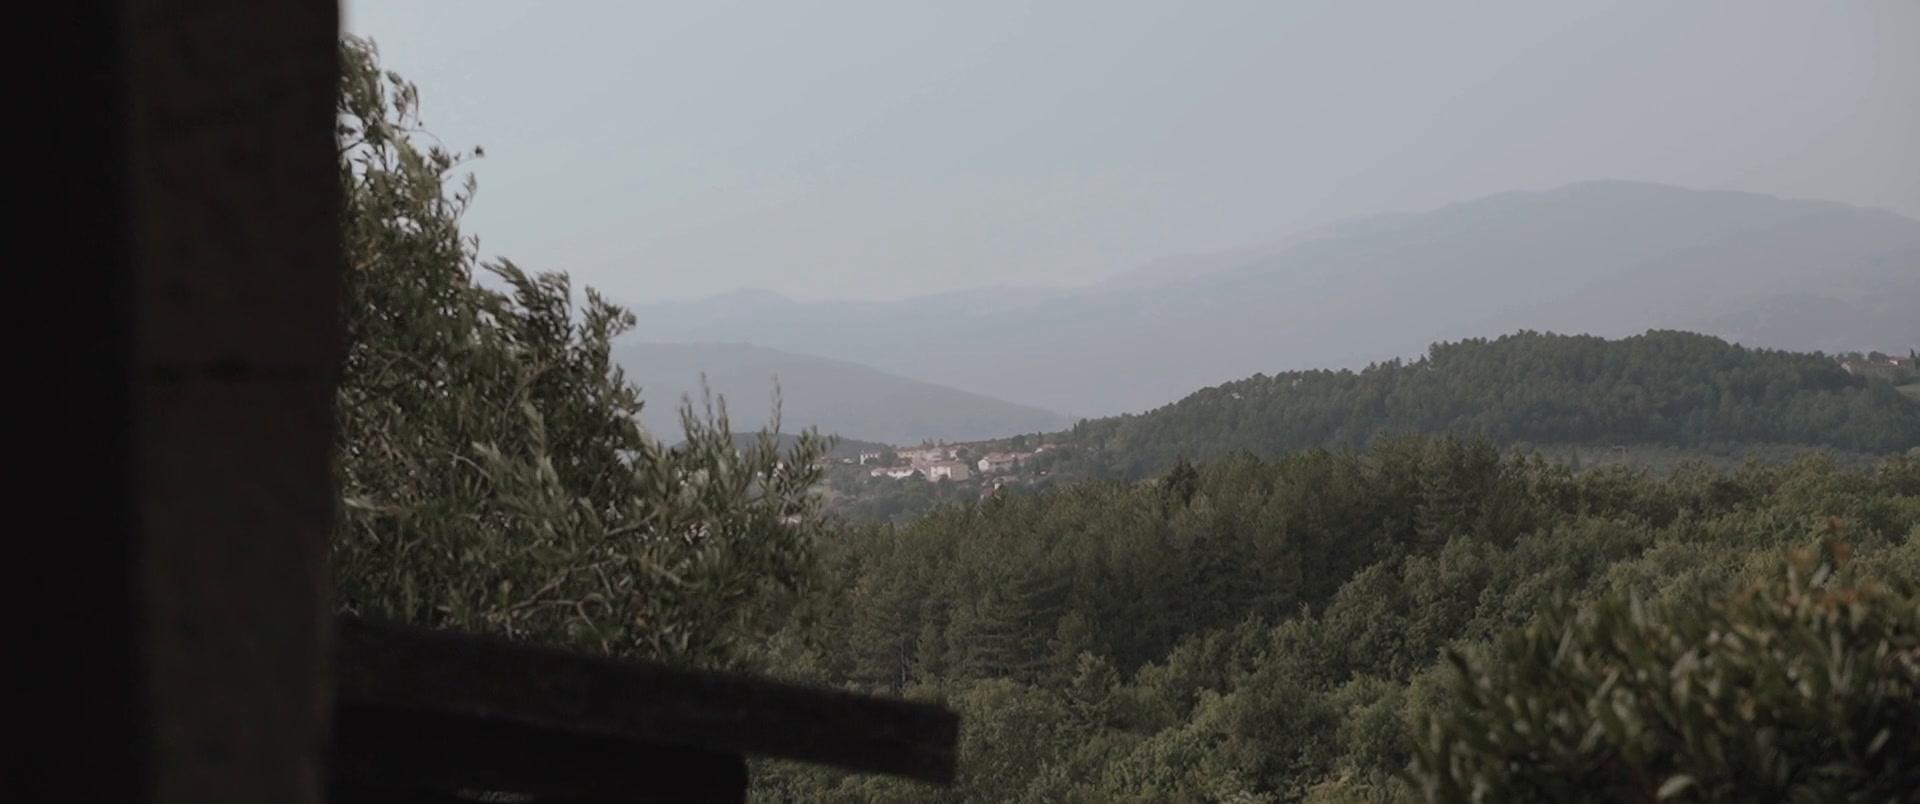 Svet + Tyler | Pelago, Italy | Ristonchi Castle